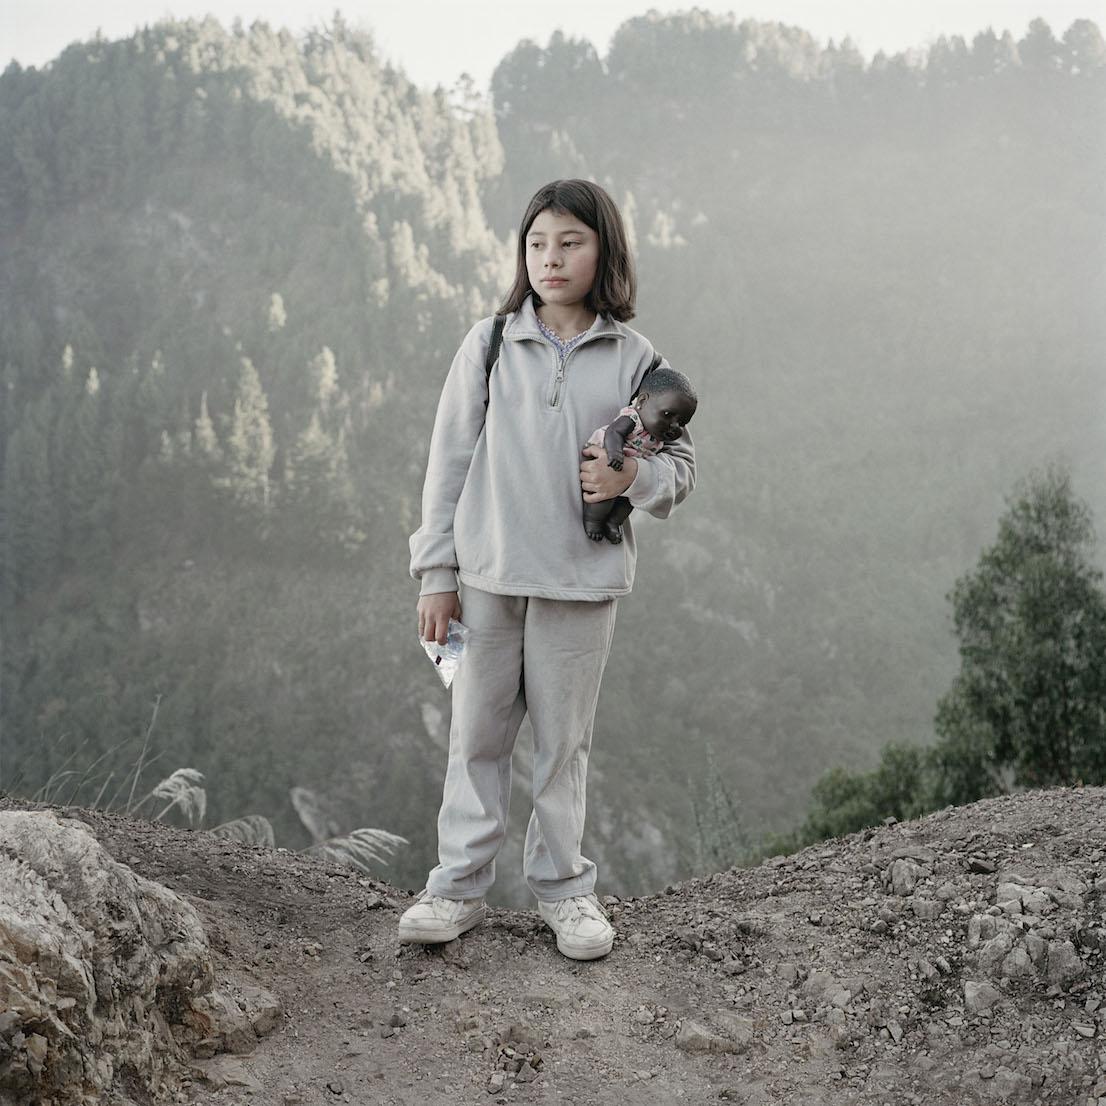 Alec Soth, Untitled 26, Bogotá (girl with doll), 2003.